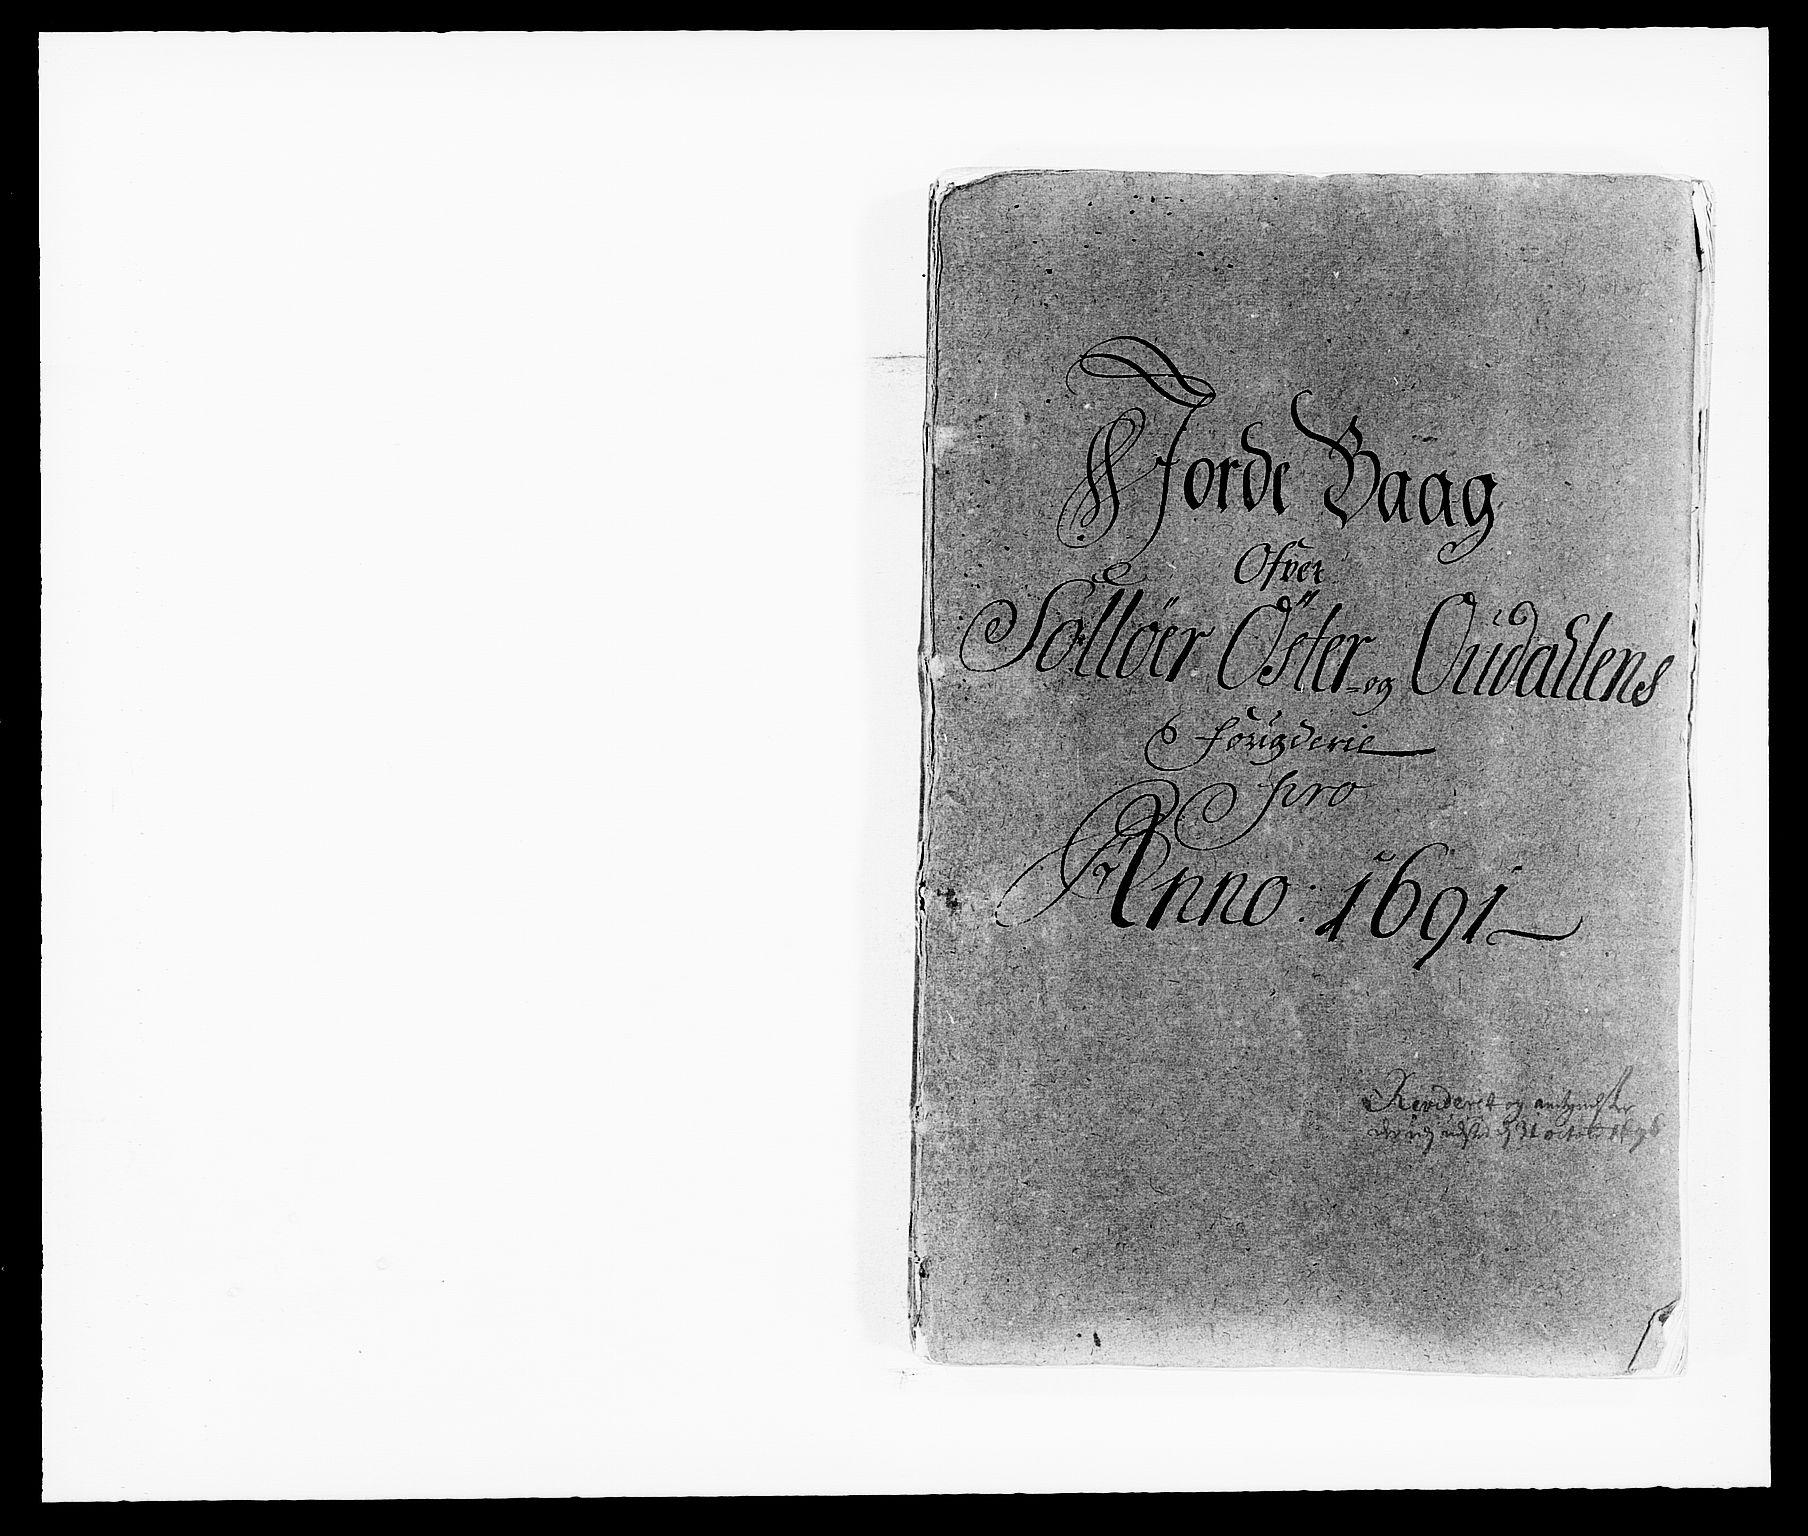 RA, Rentekammeret inntil 1814, Reviderte regnskaper, Fogderegnskap, R13/L0829: Fogderegnskap Solør, Odal og Østerdal, 1691, s. 145